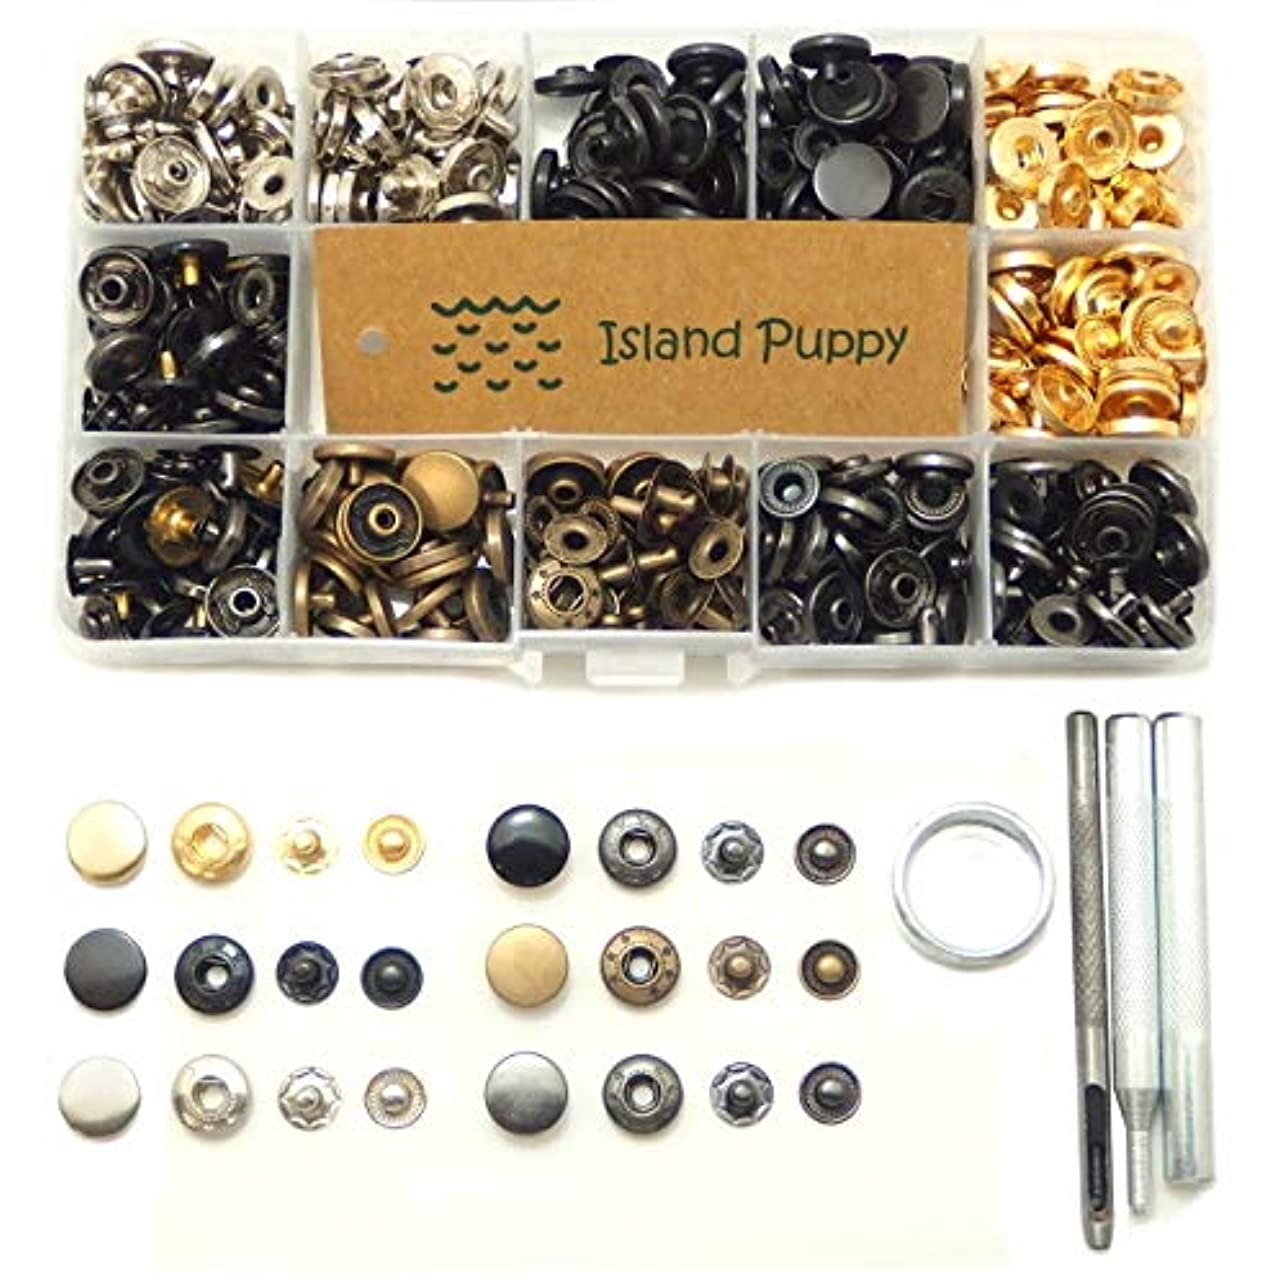 わかりやすい許されるテザー[アイランドパピー] 6色 バネ ホック セット 打ち具 付き レザークラフト ボタン 手芸 DIY 工具 (12mm)